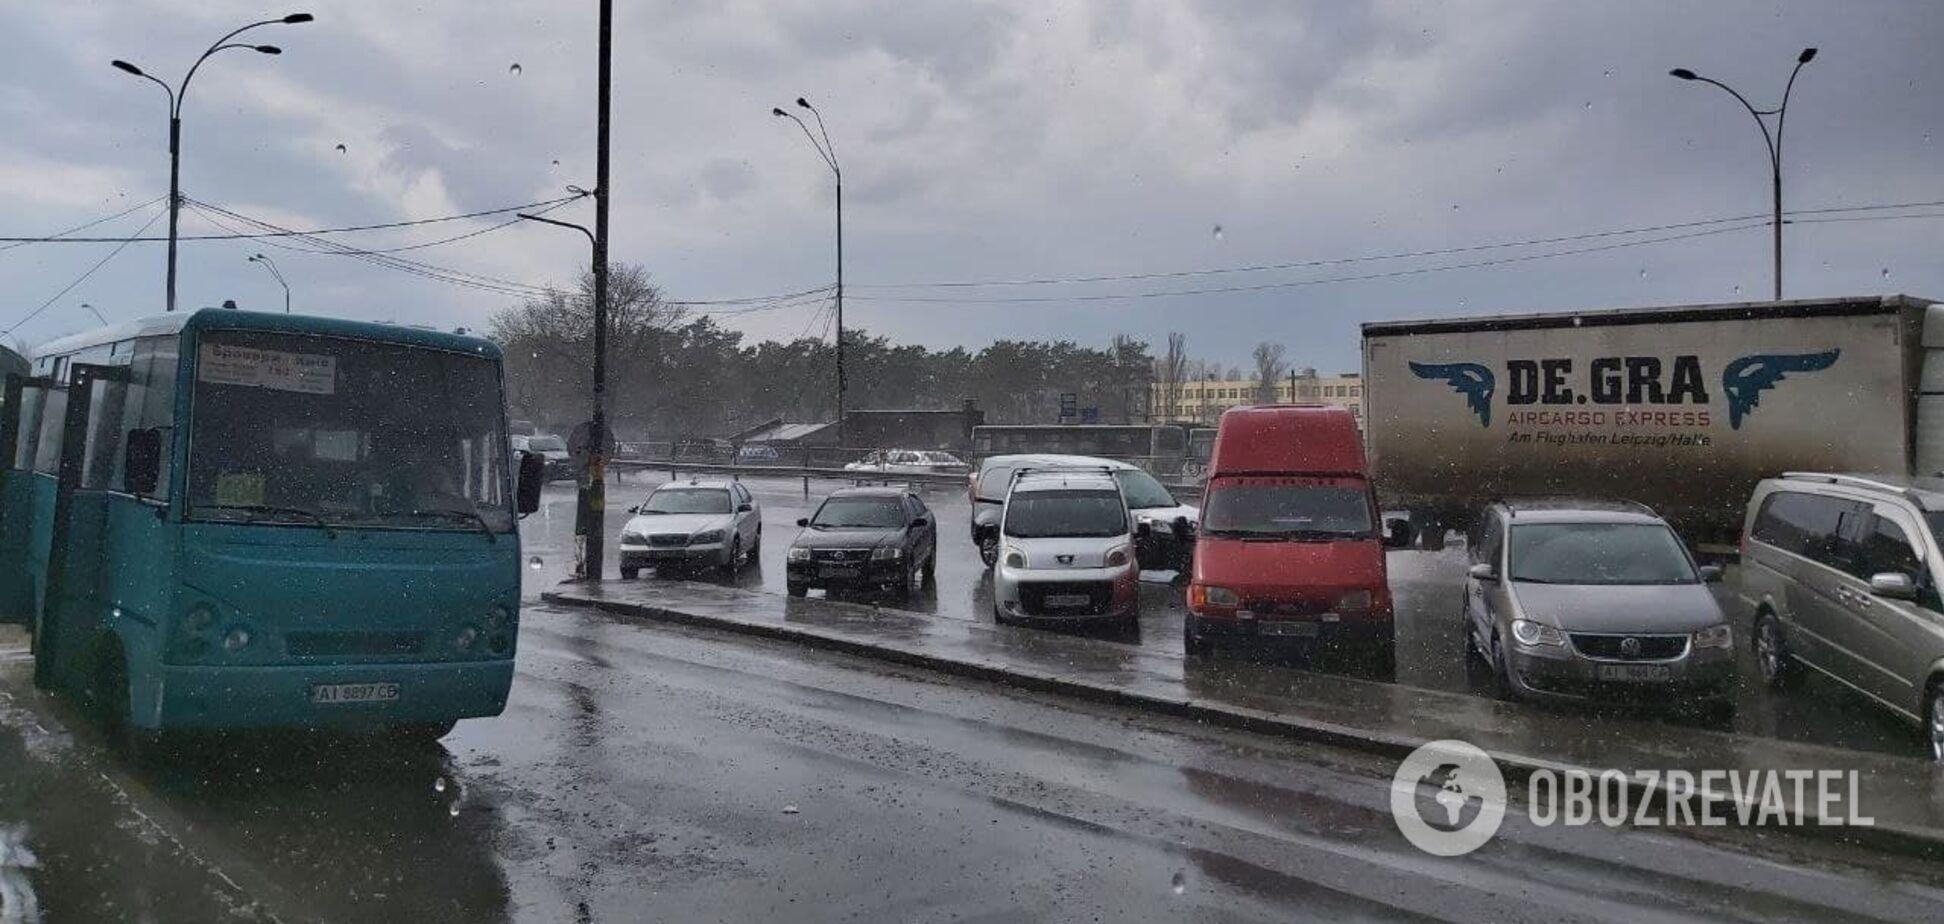 Київ накрили сильні зливи з грозами. Фото, відео